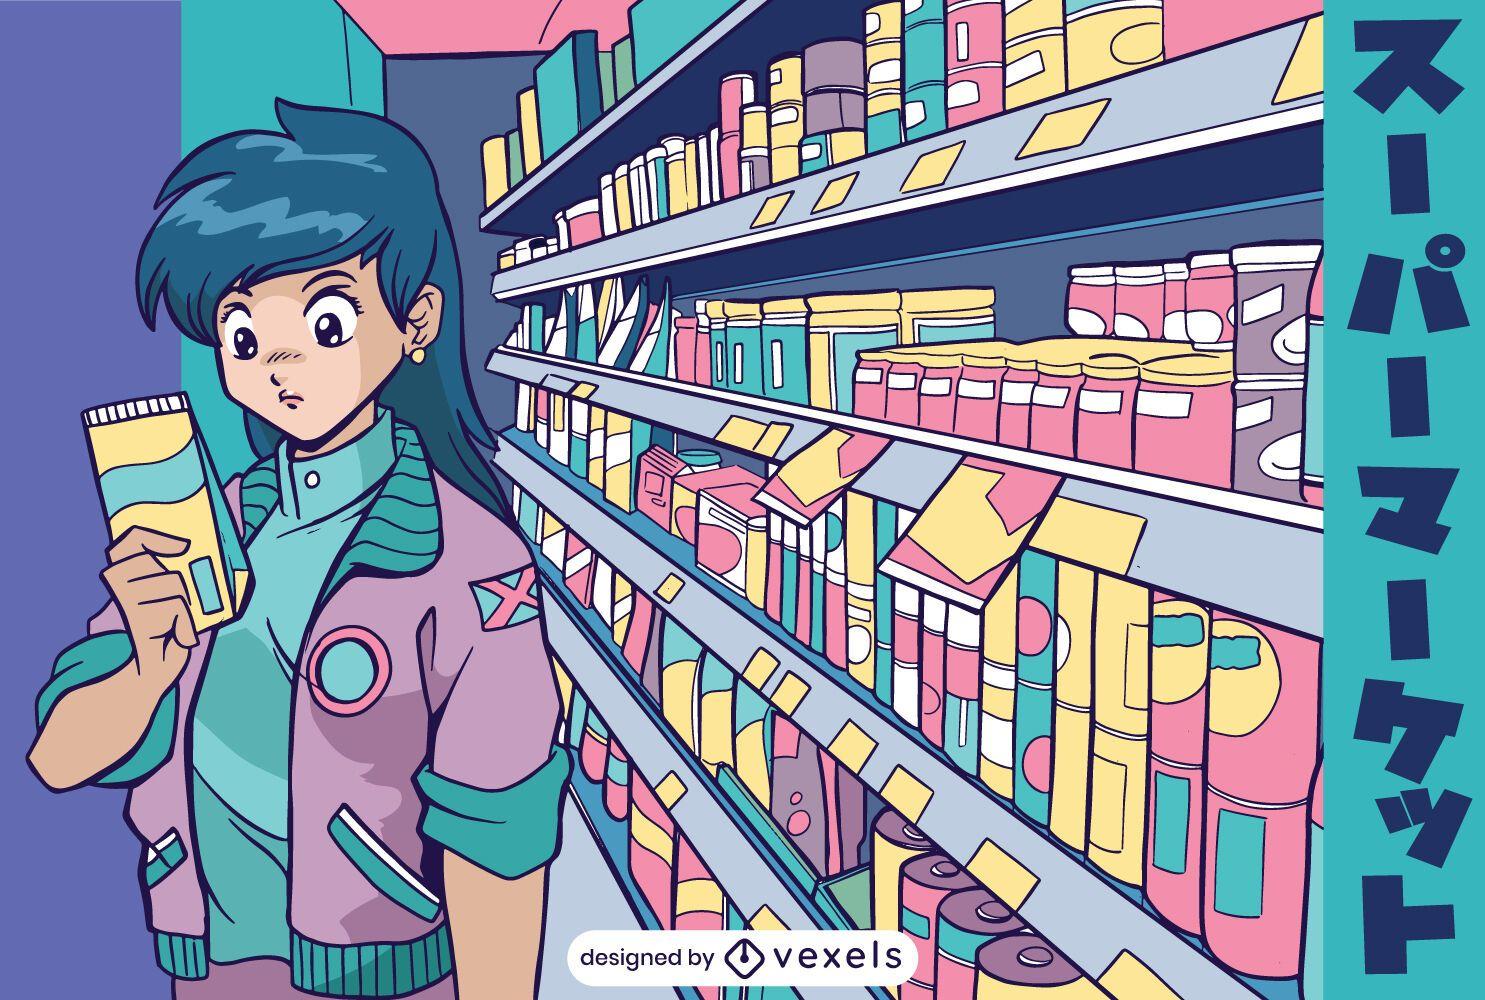 Supermarket anime girl illustration